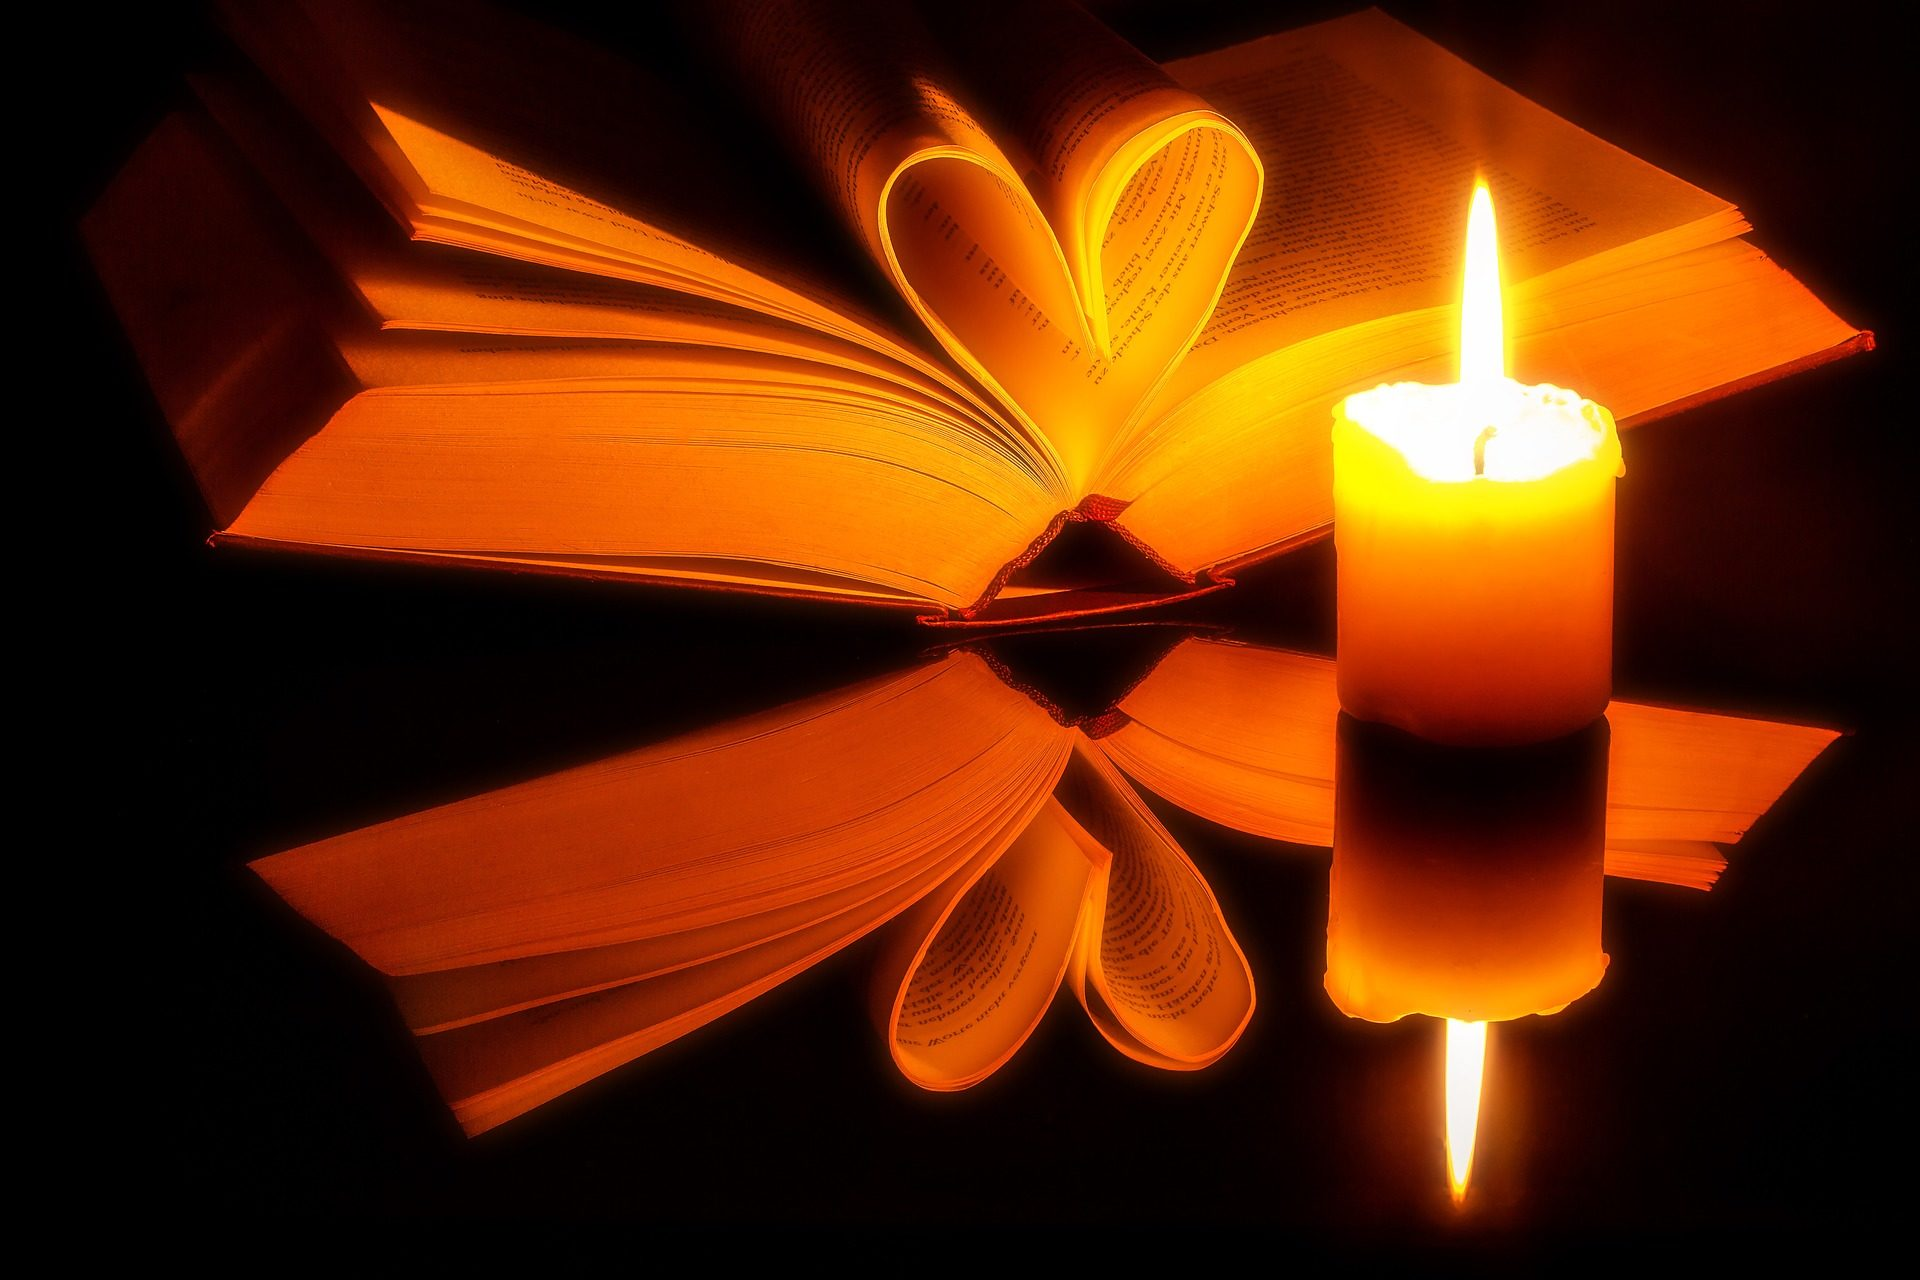 Libro, candela, lettura, tenebre, Dim, cuore, foglie - Sfondi HD - Professor-falken.com